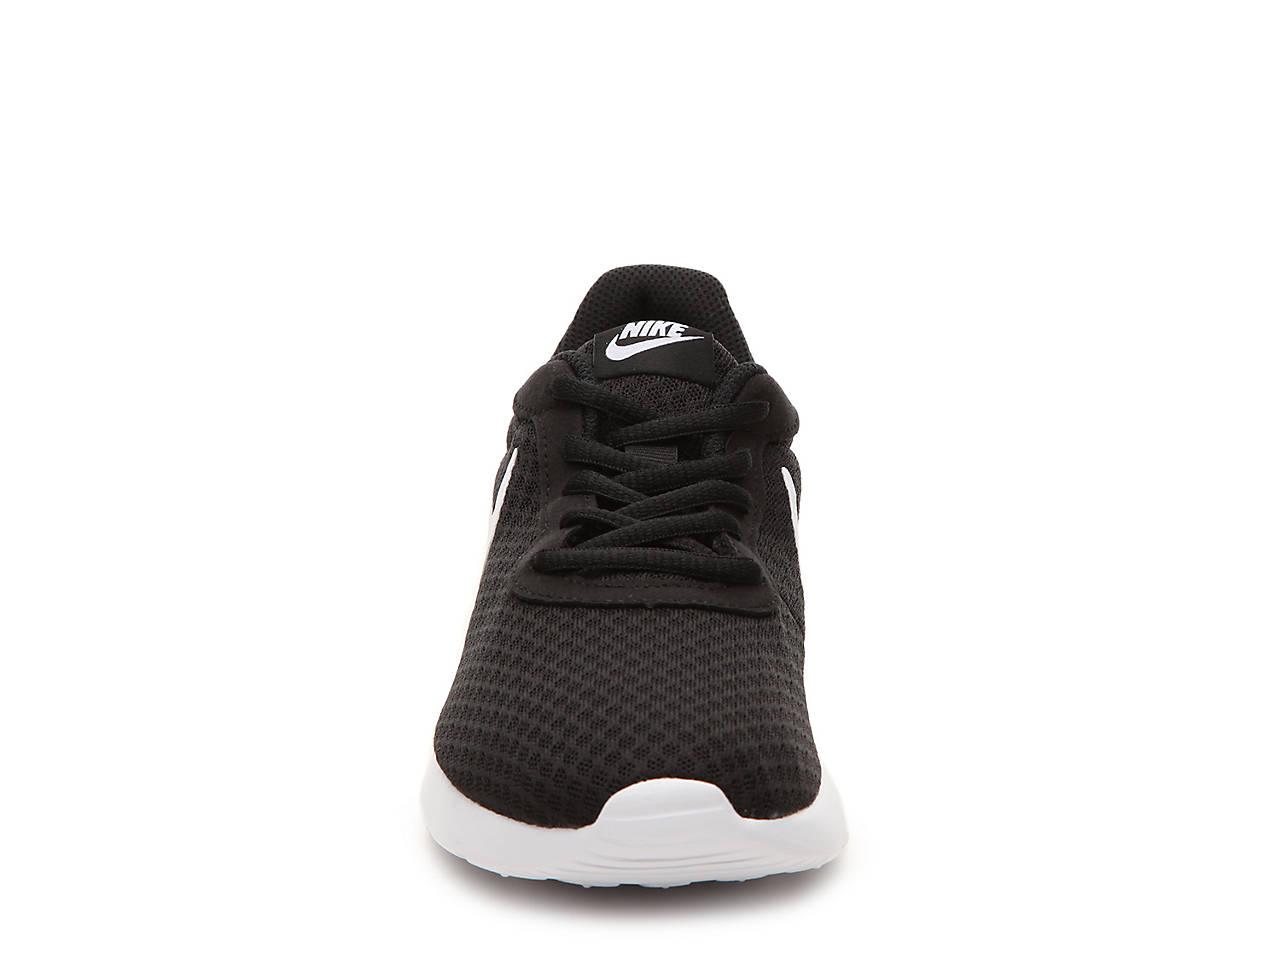 3156711151d1 Nike Tanjun Sneaker - Women s Women s Shoes